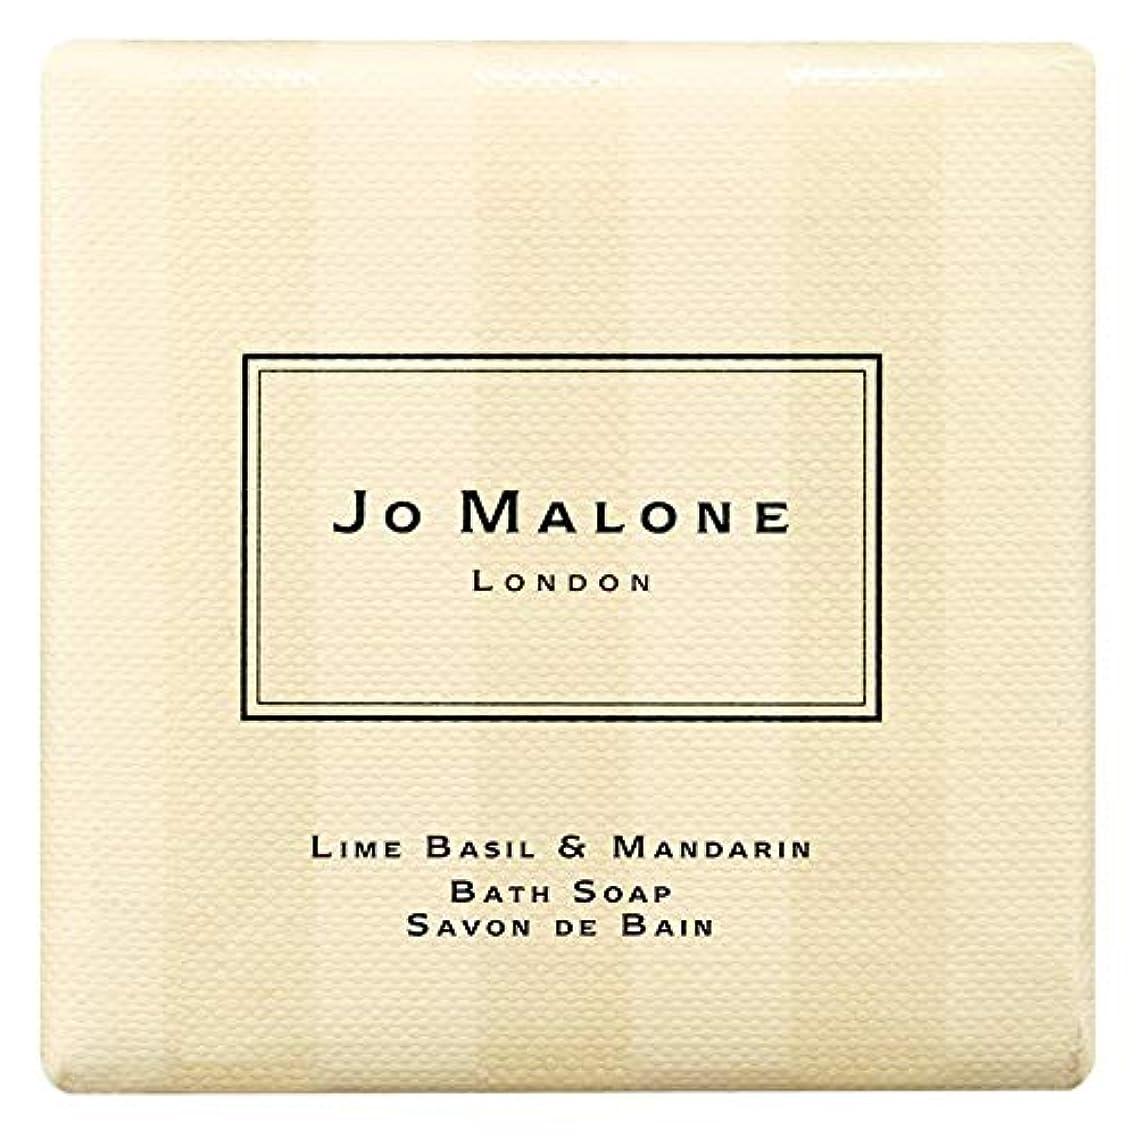 ストラップチート湿度[Jo Malone] ジョーマローンロンドンライムバジル&マンダリンお風呂の石鹸100グラム - Jo Malone London Lime Basil & Mandarin Bath Soap 100g [並行輸入品]